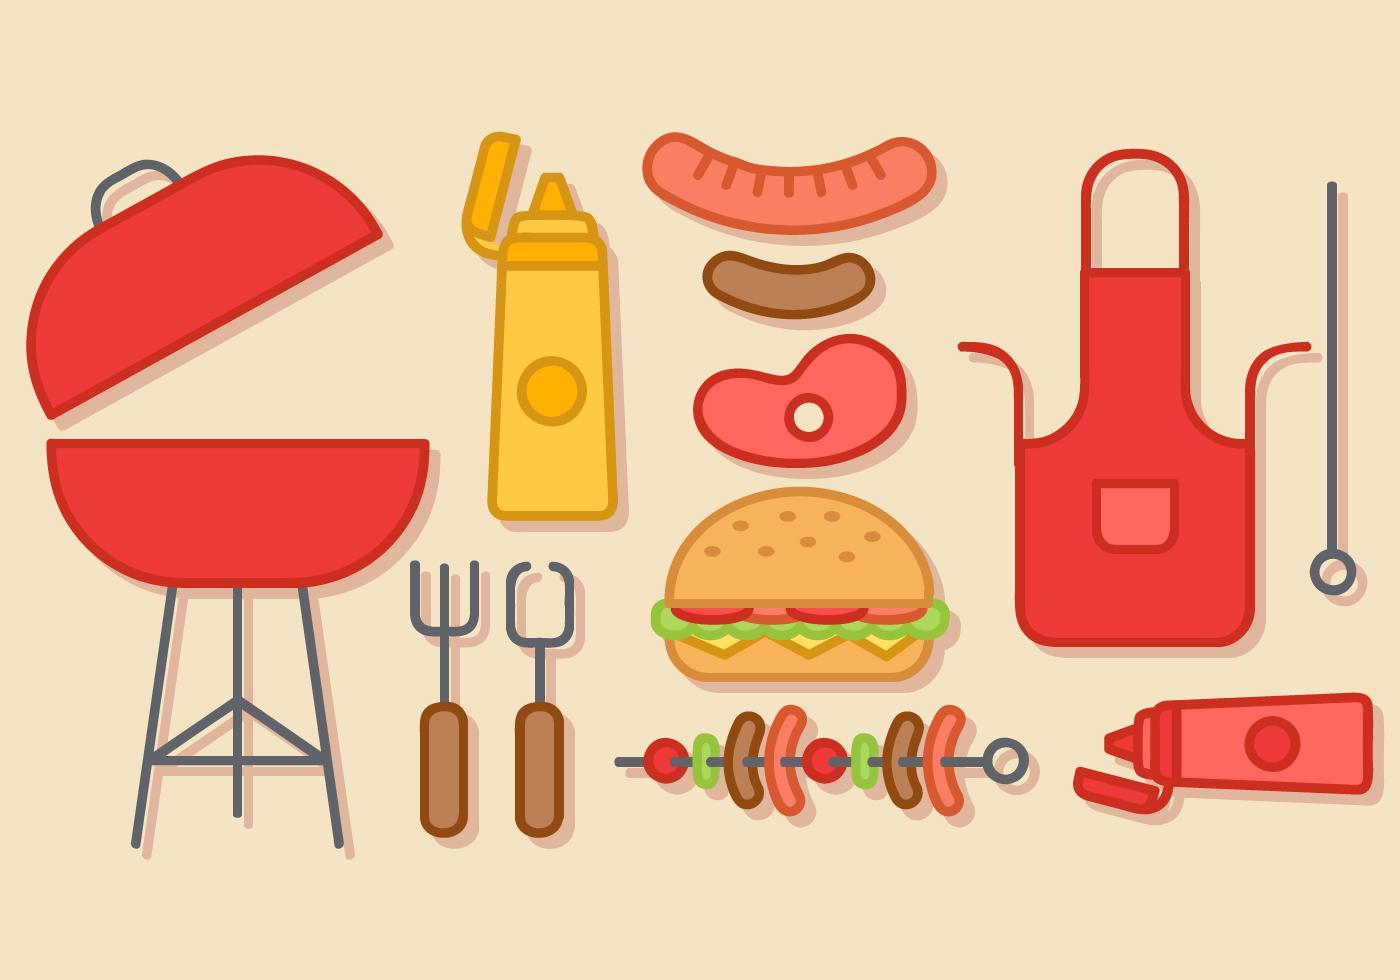 烤肉素材 免費下載   天天瘋後製